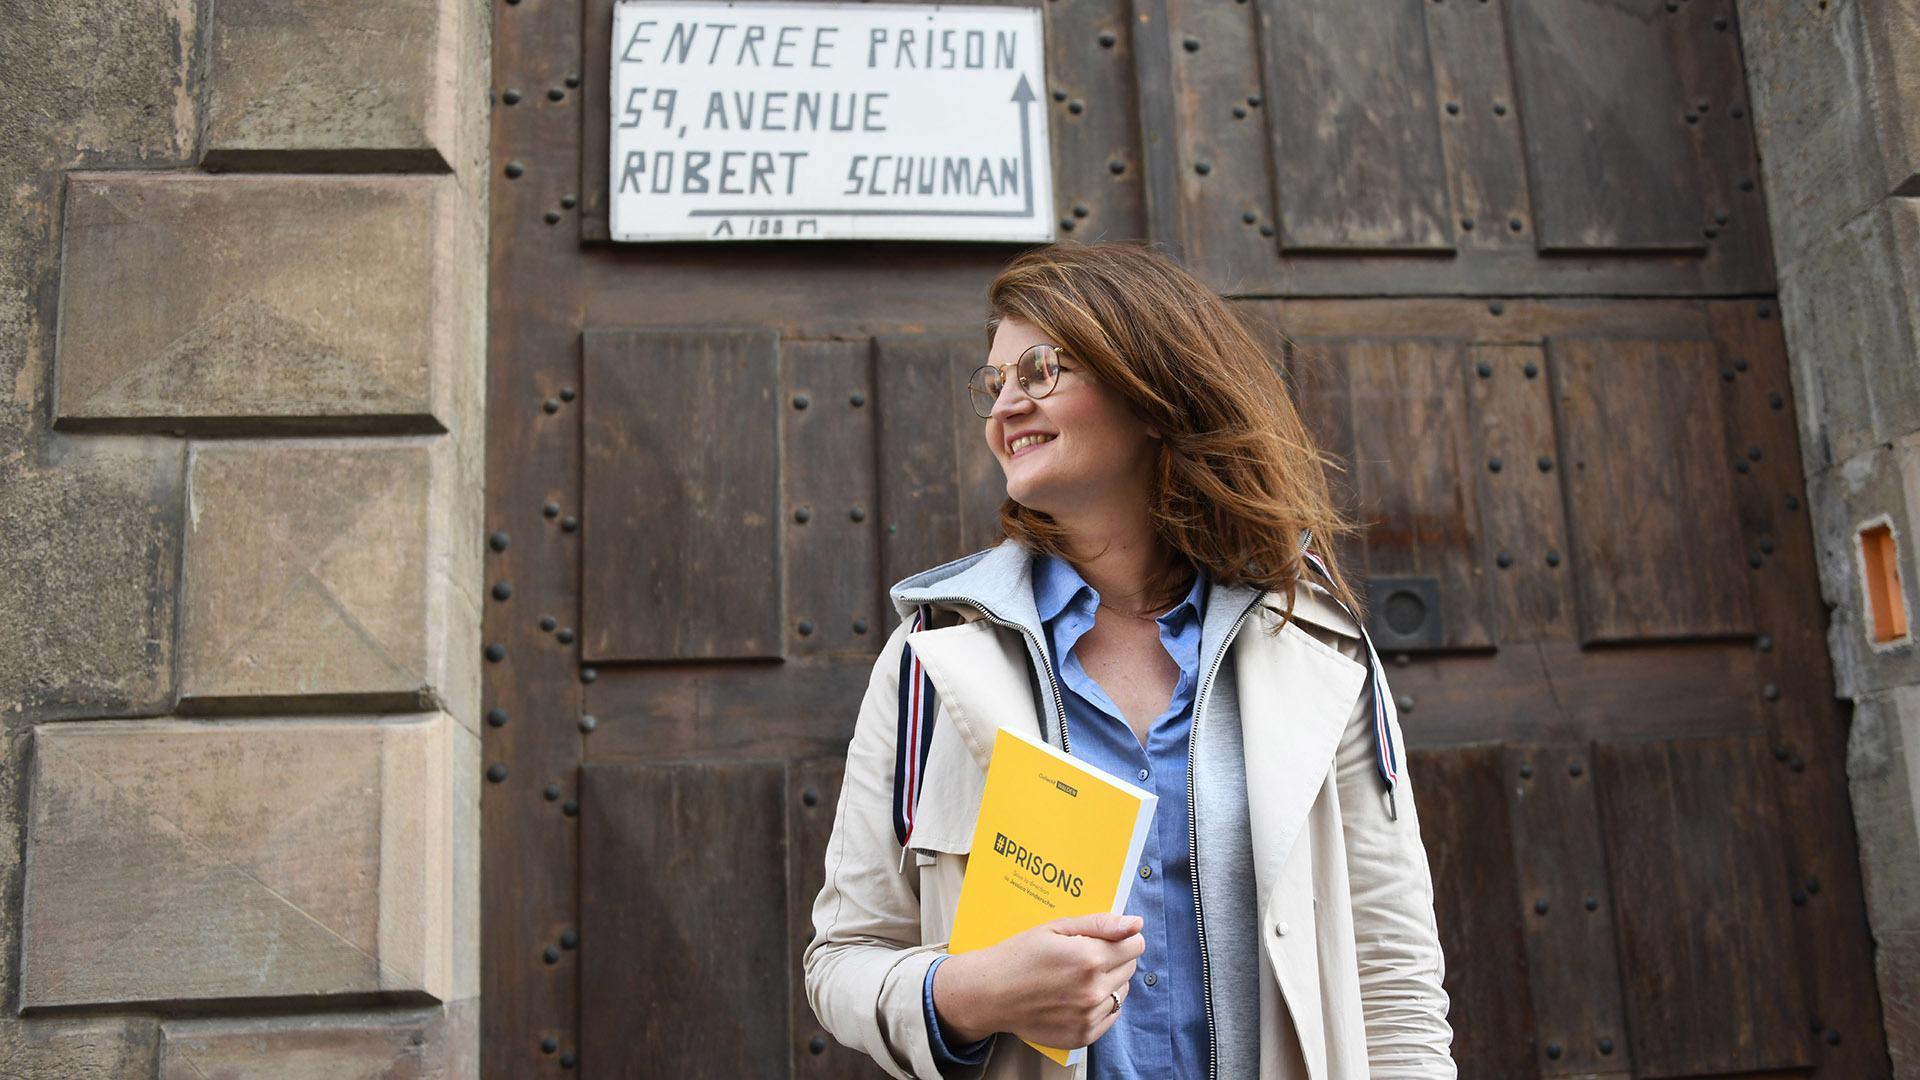 Collectif Walden pour une prison plus humaine : Jessica Vonderscher co-auteure de l'ouvrage #prisons